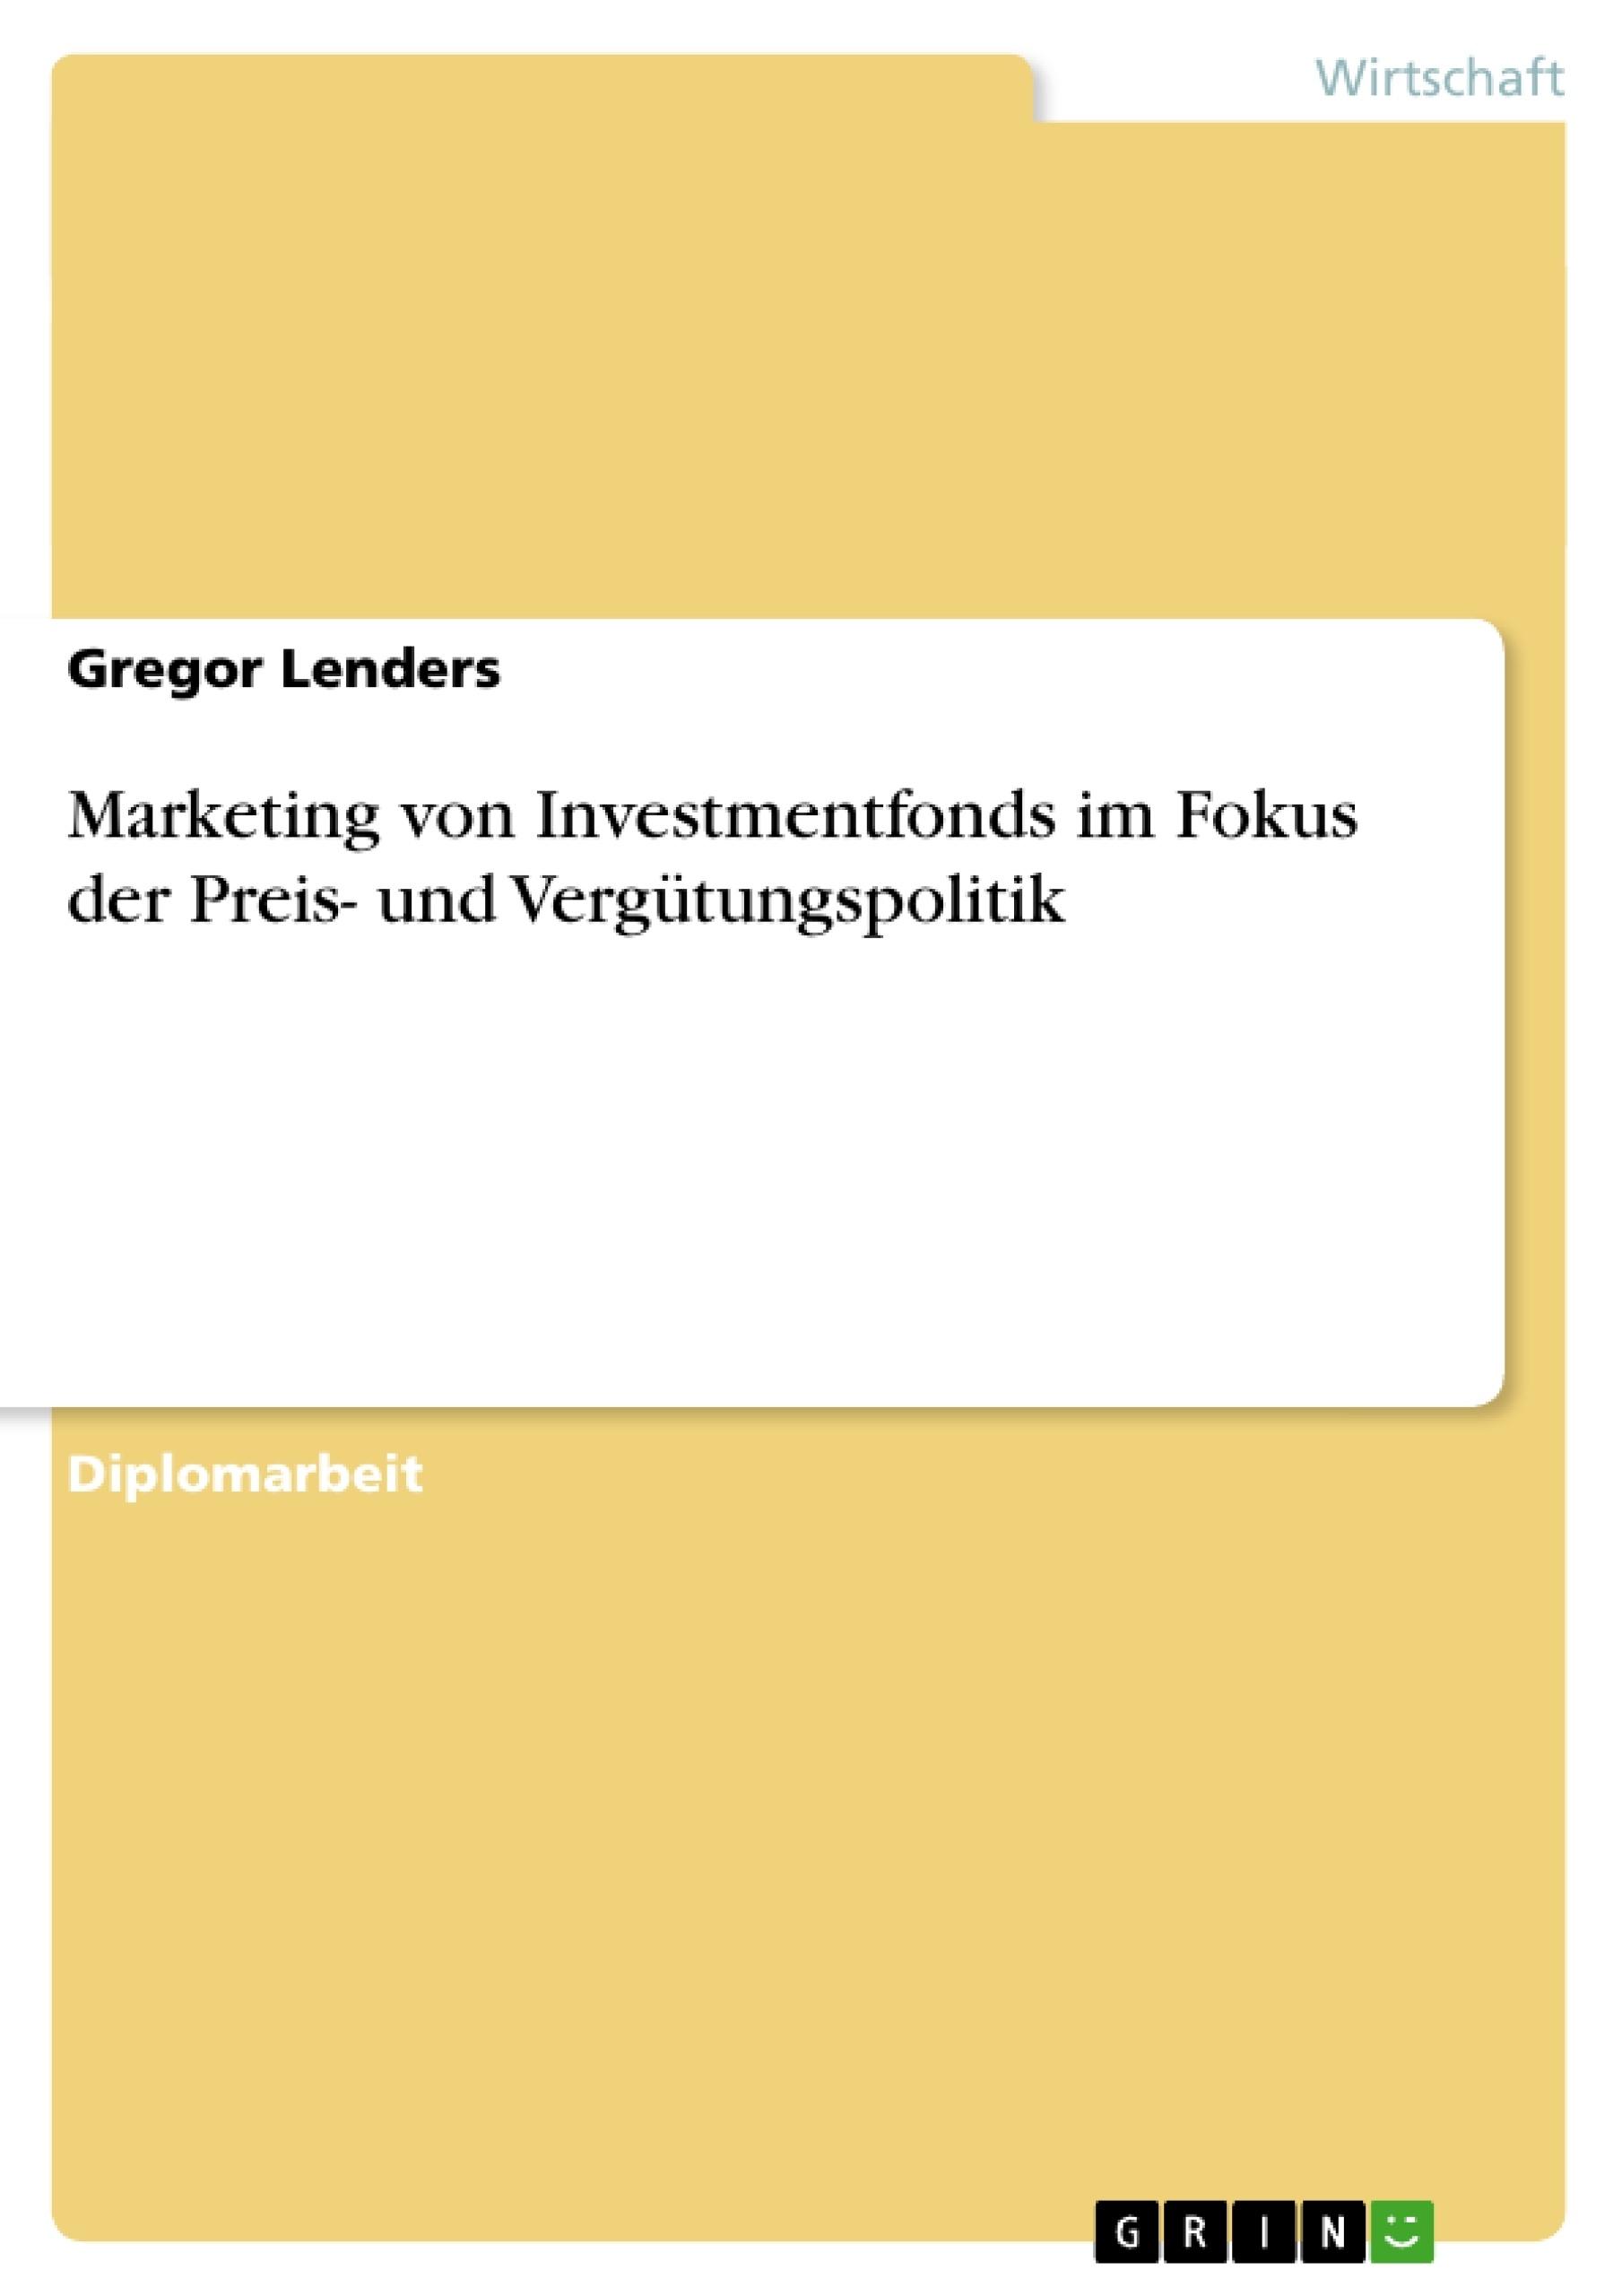 Titel: Marketing von Investmentfonds im Fokus der Preis- und Vergütungspolitik